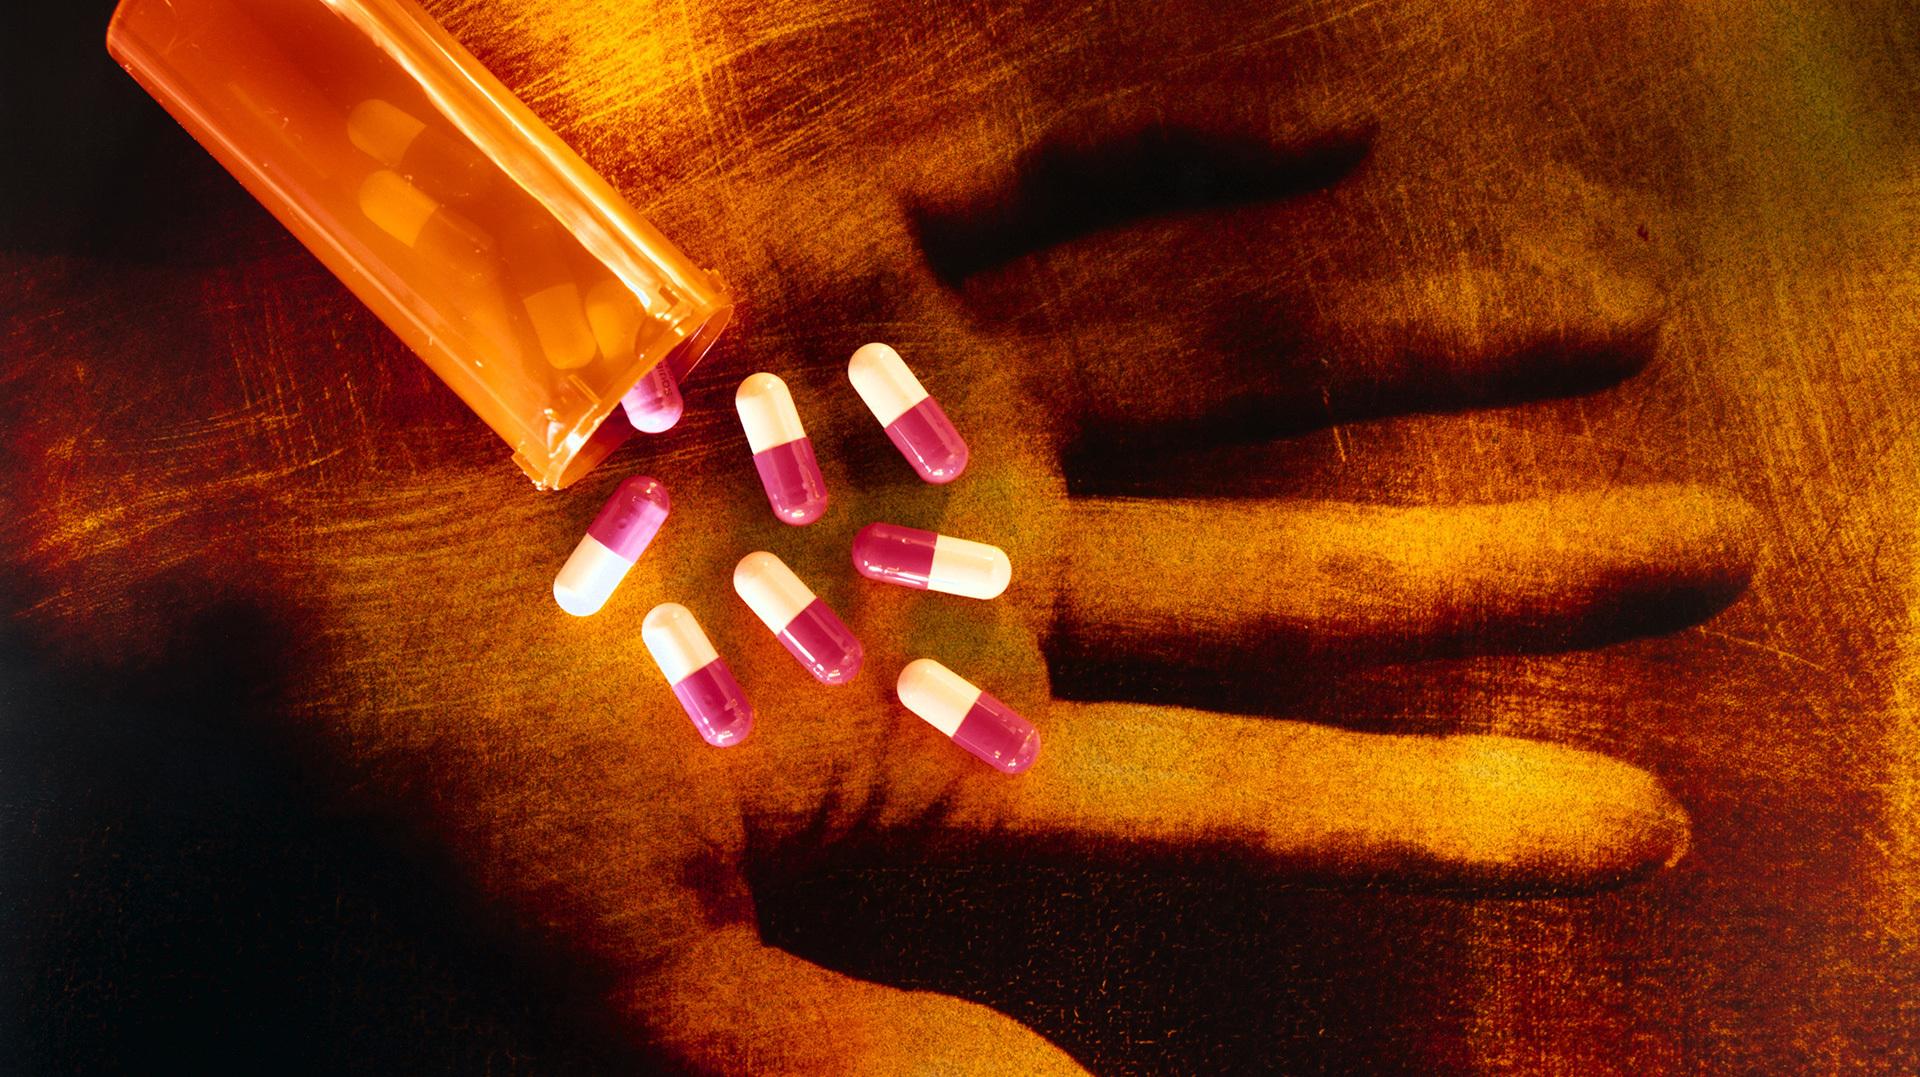 Tényleg gyógyít a gyógyszer vagy csak képzeljük? 1